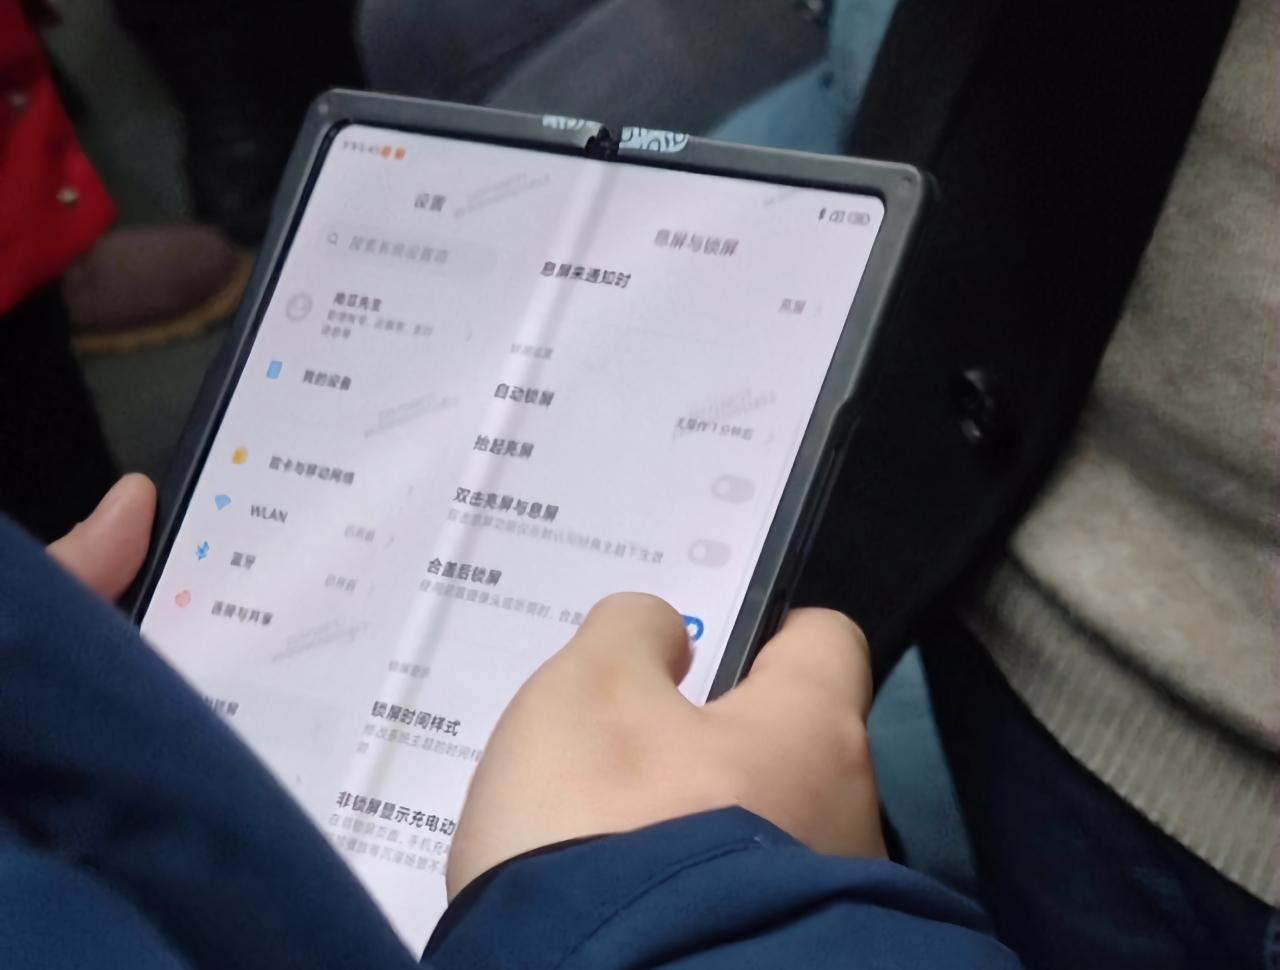 Новый складной смартфон Xiaomi появился на «живых» фотографиях с MIUI 12 на борту